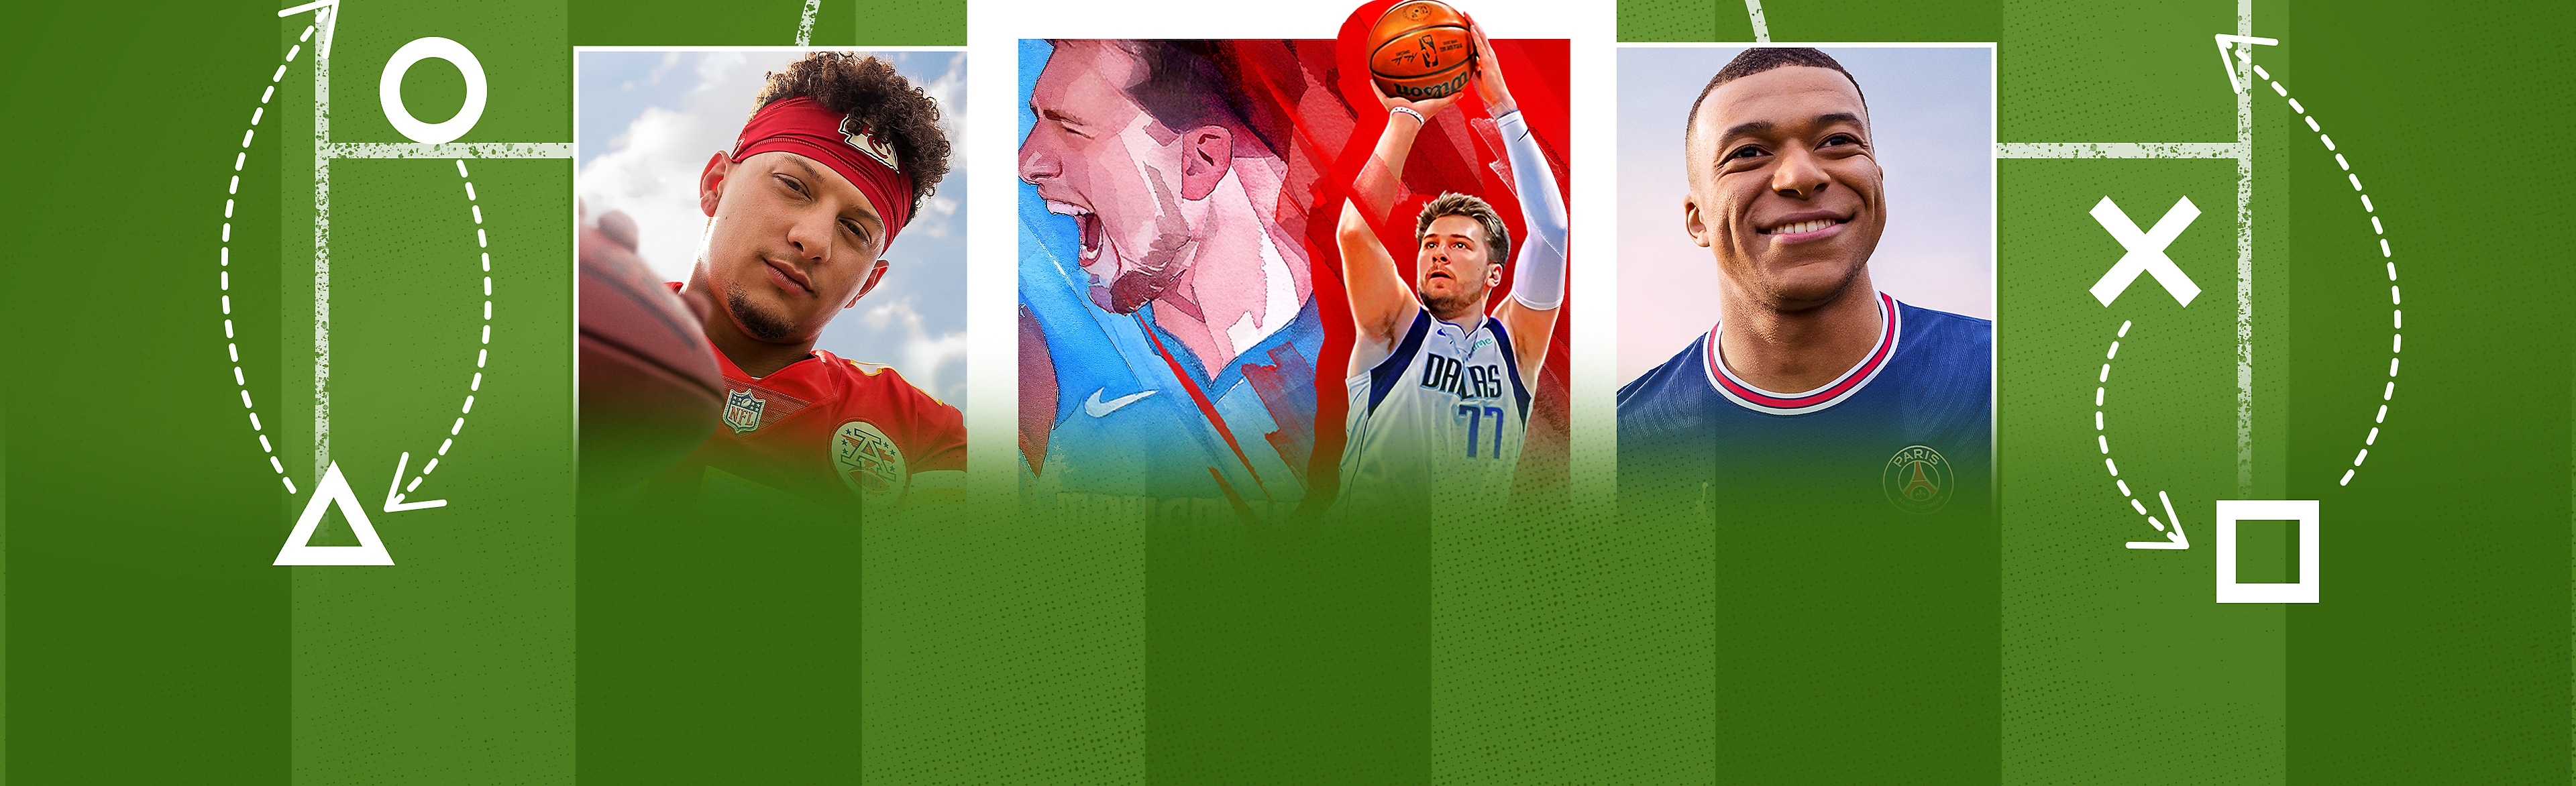 Meilleurs jeux de sport sur PS4 - Hero